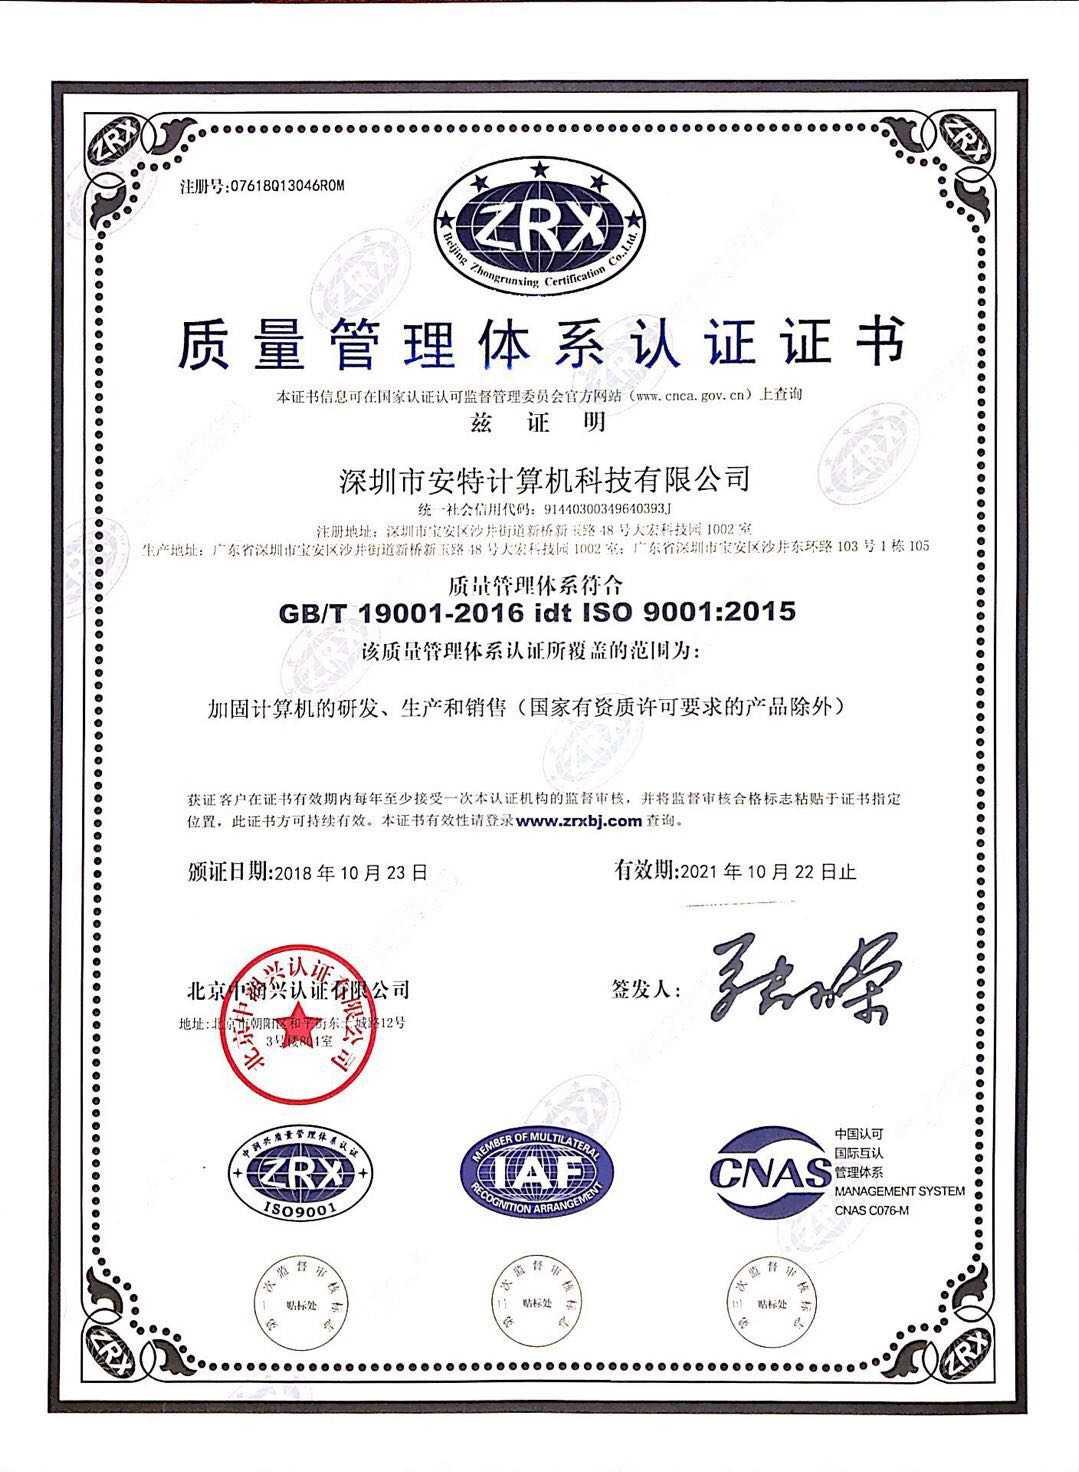 新版质量管理体系证书1